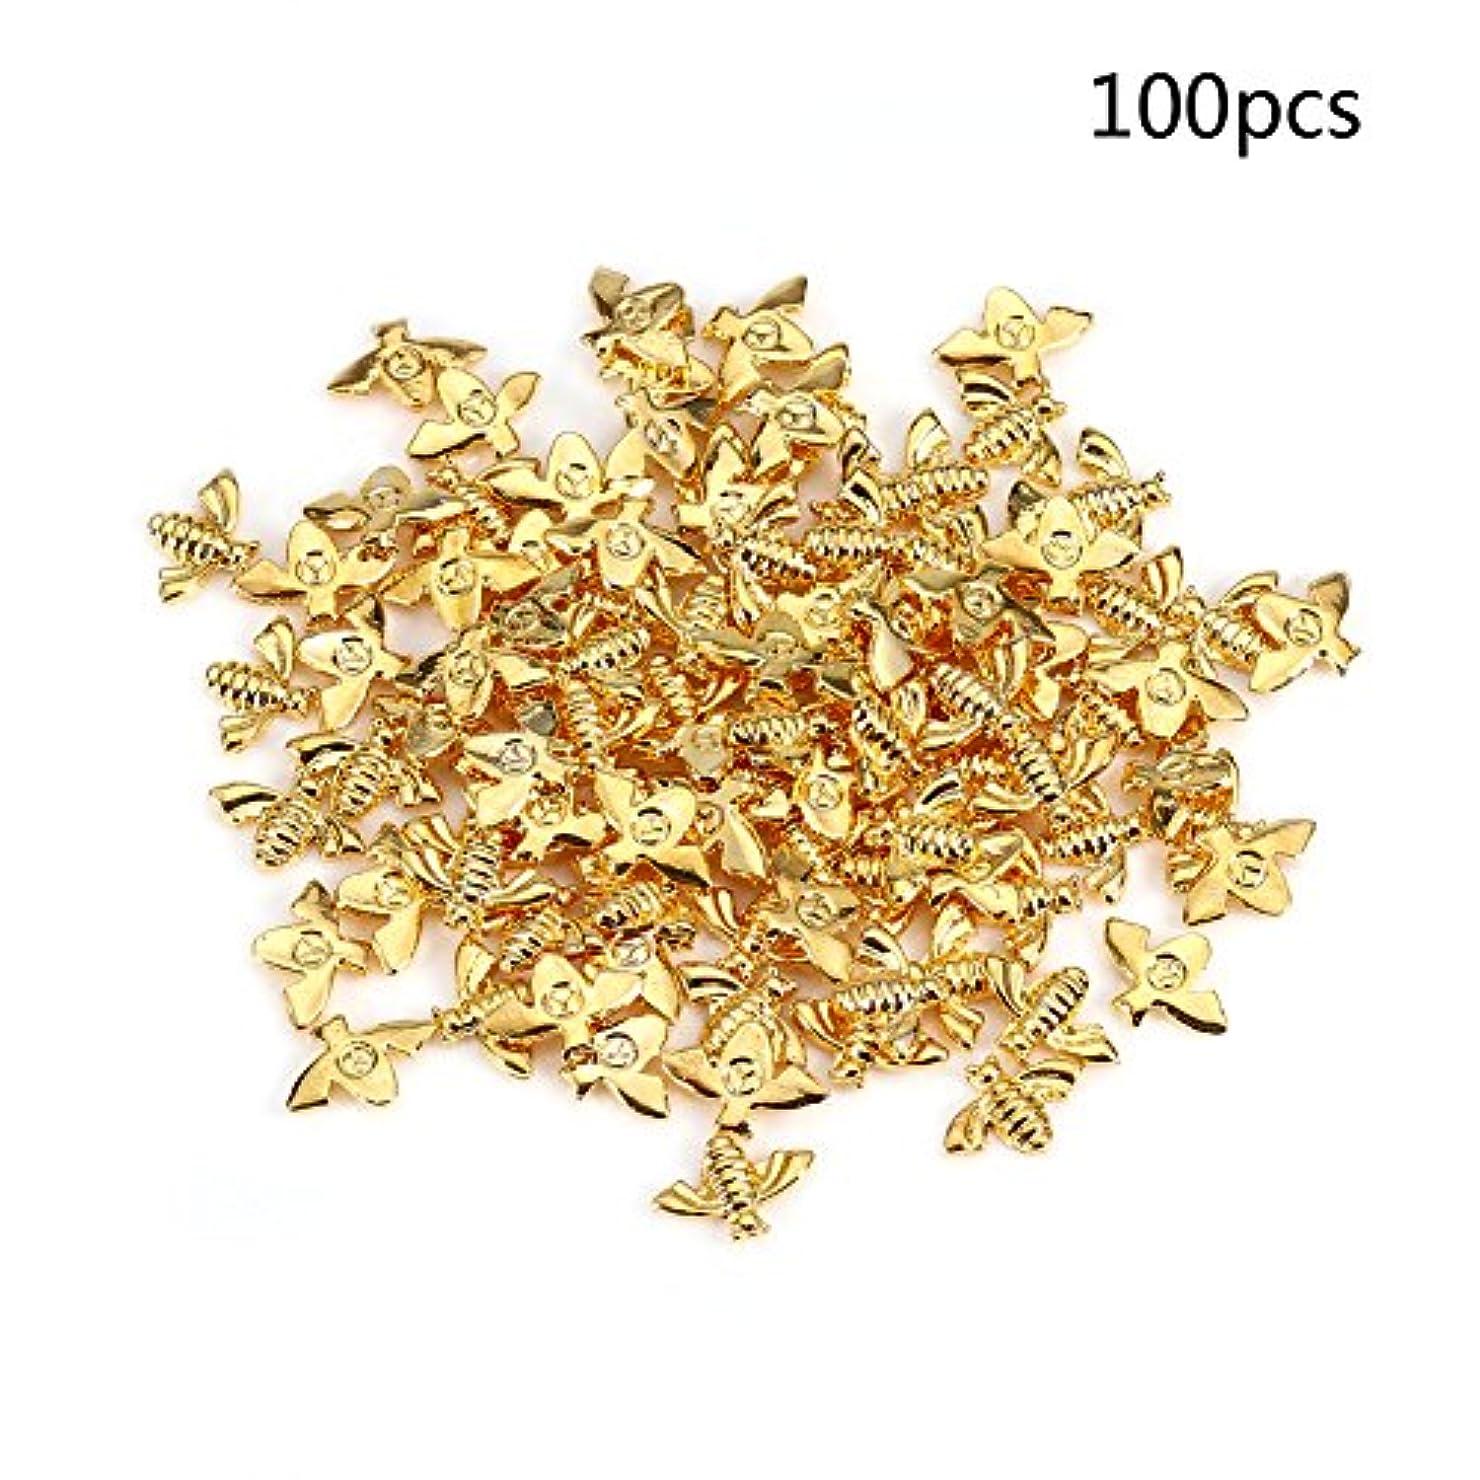 没頭する適切にバルブメタルネイルデコレーション 2色100pcs / bag金属蜂3Dネイルデコレーションメタルスティックゴールドシルバーネイルデカールマニキュア (ゴールド)